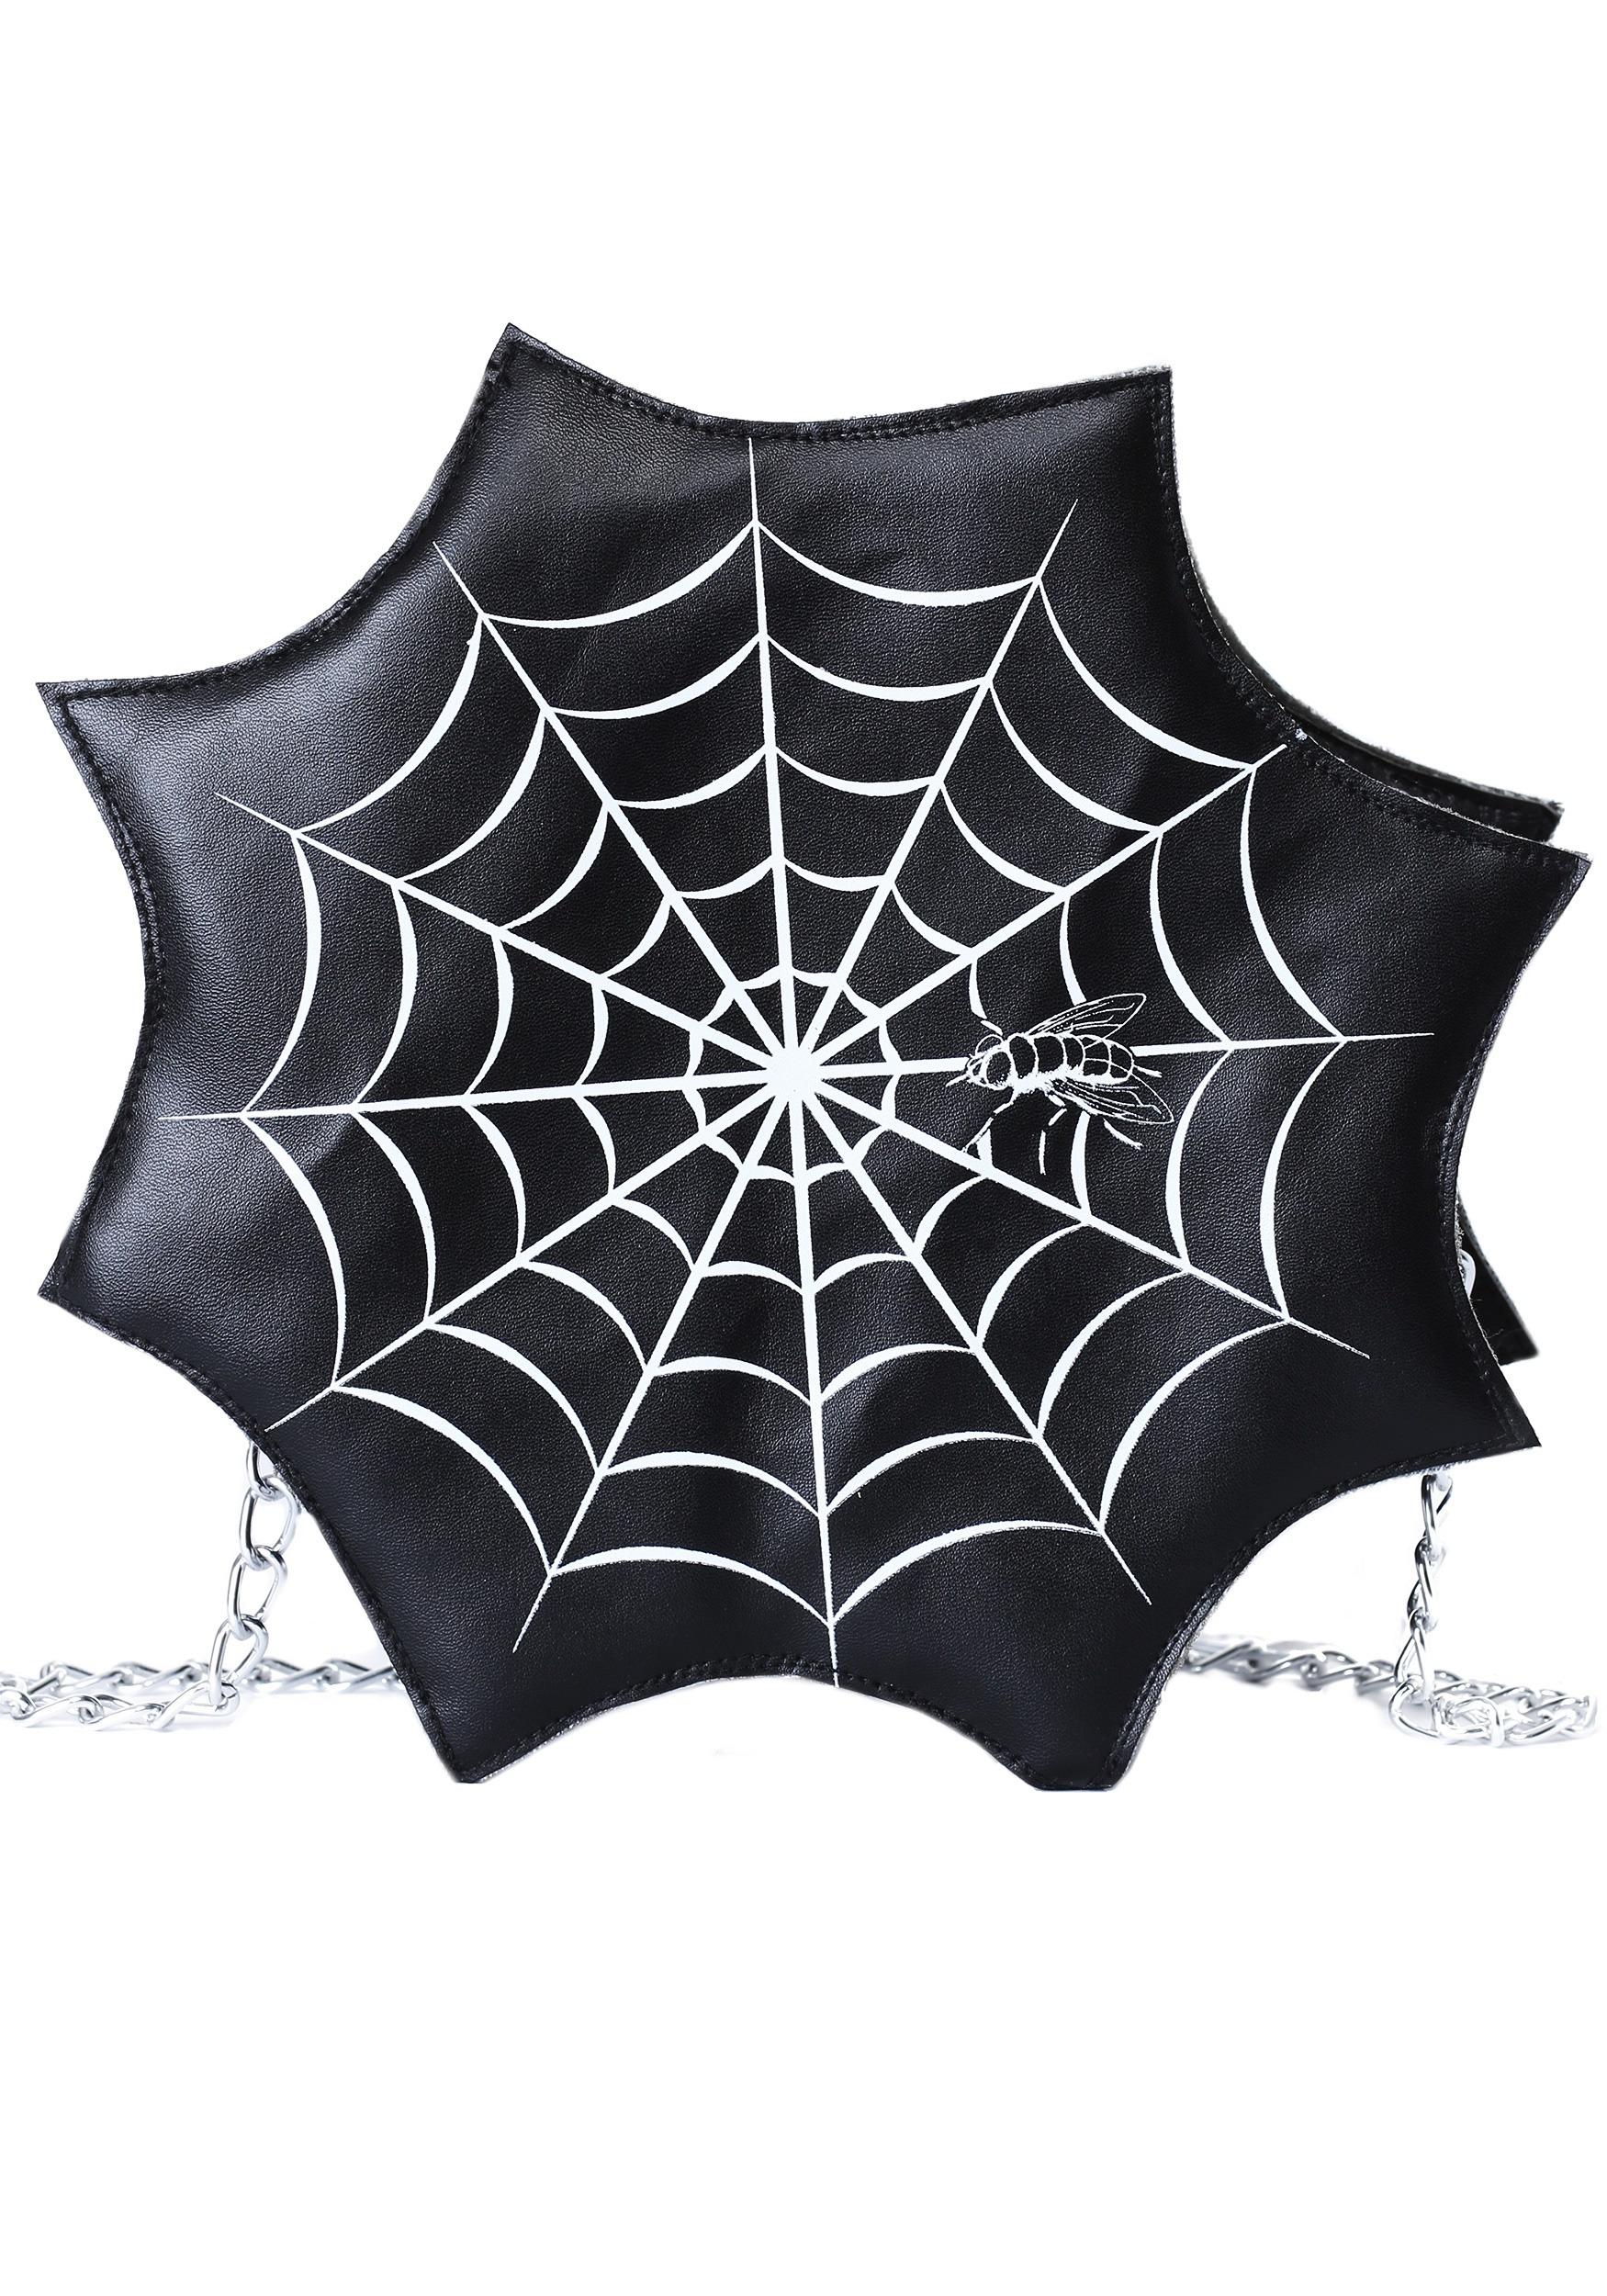 Spider Web Purse for Women (FUN2636AD-ST FUN2636AD) photo